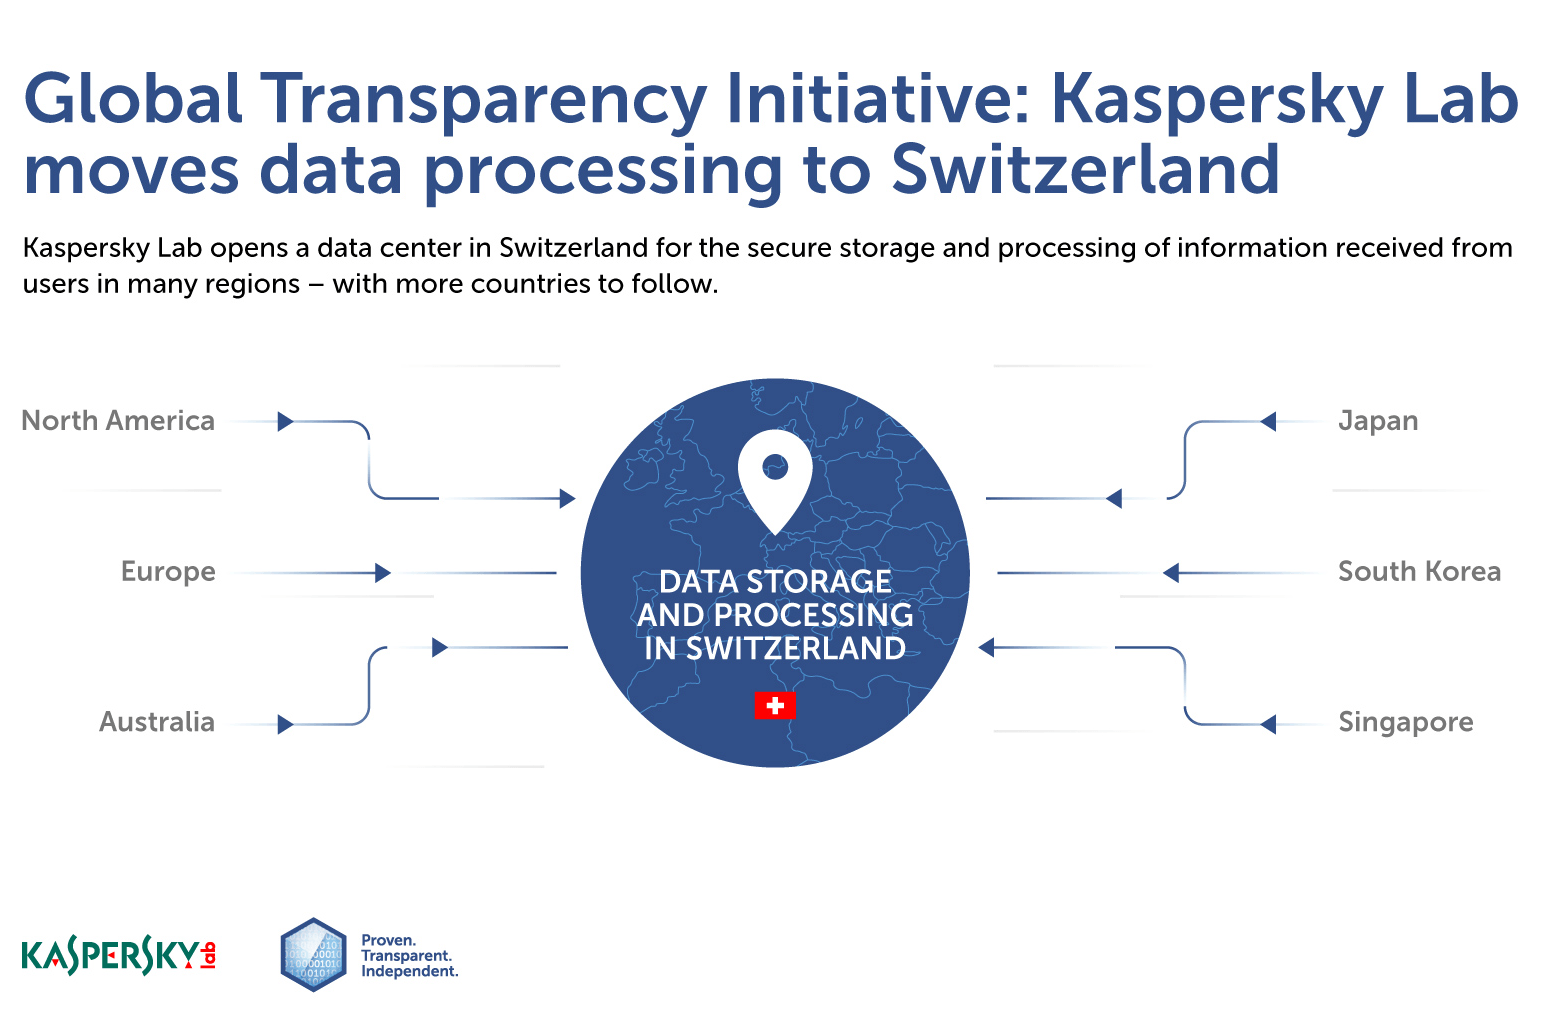 収集データの保存および処理もスイスへ